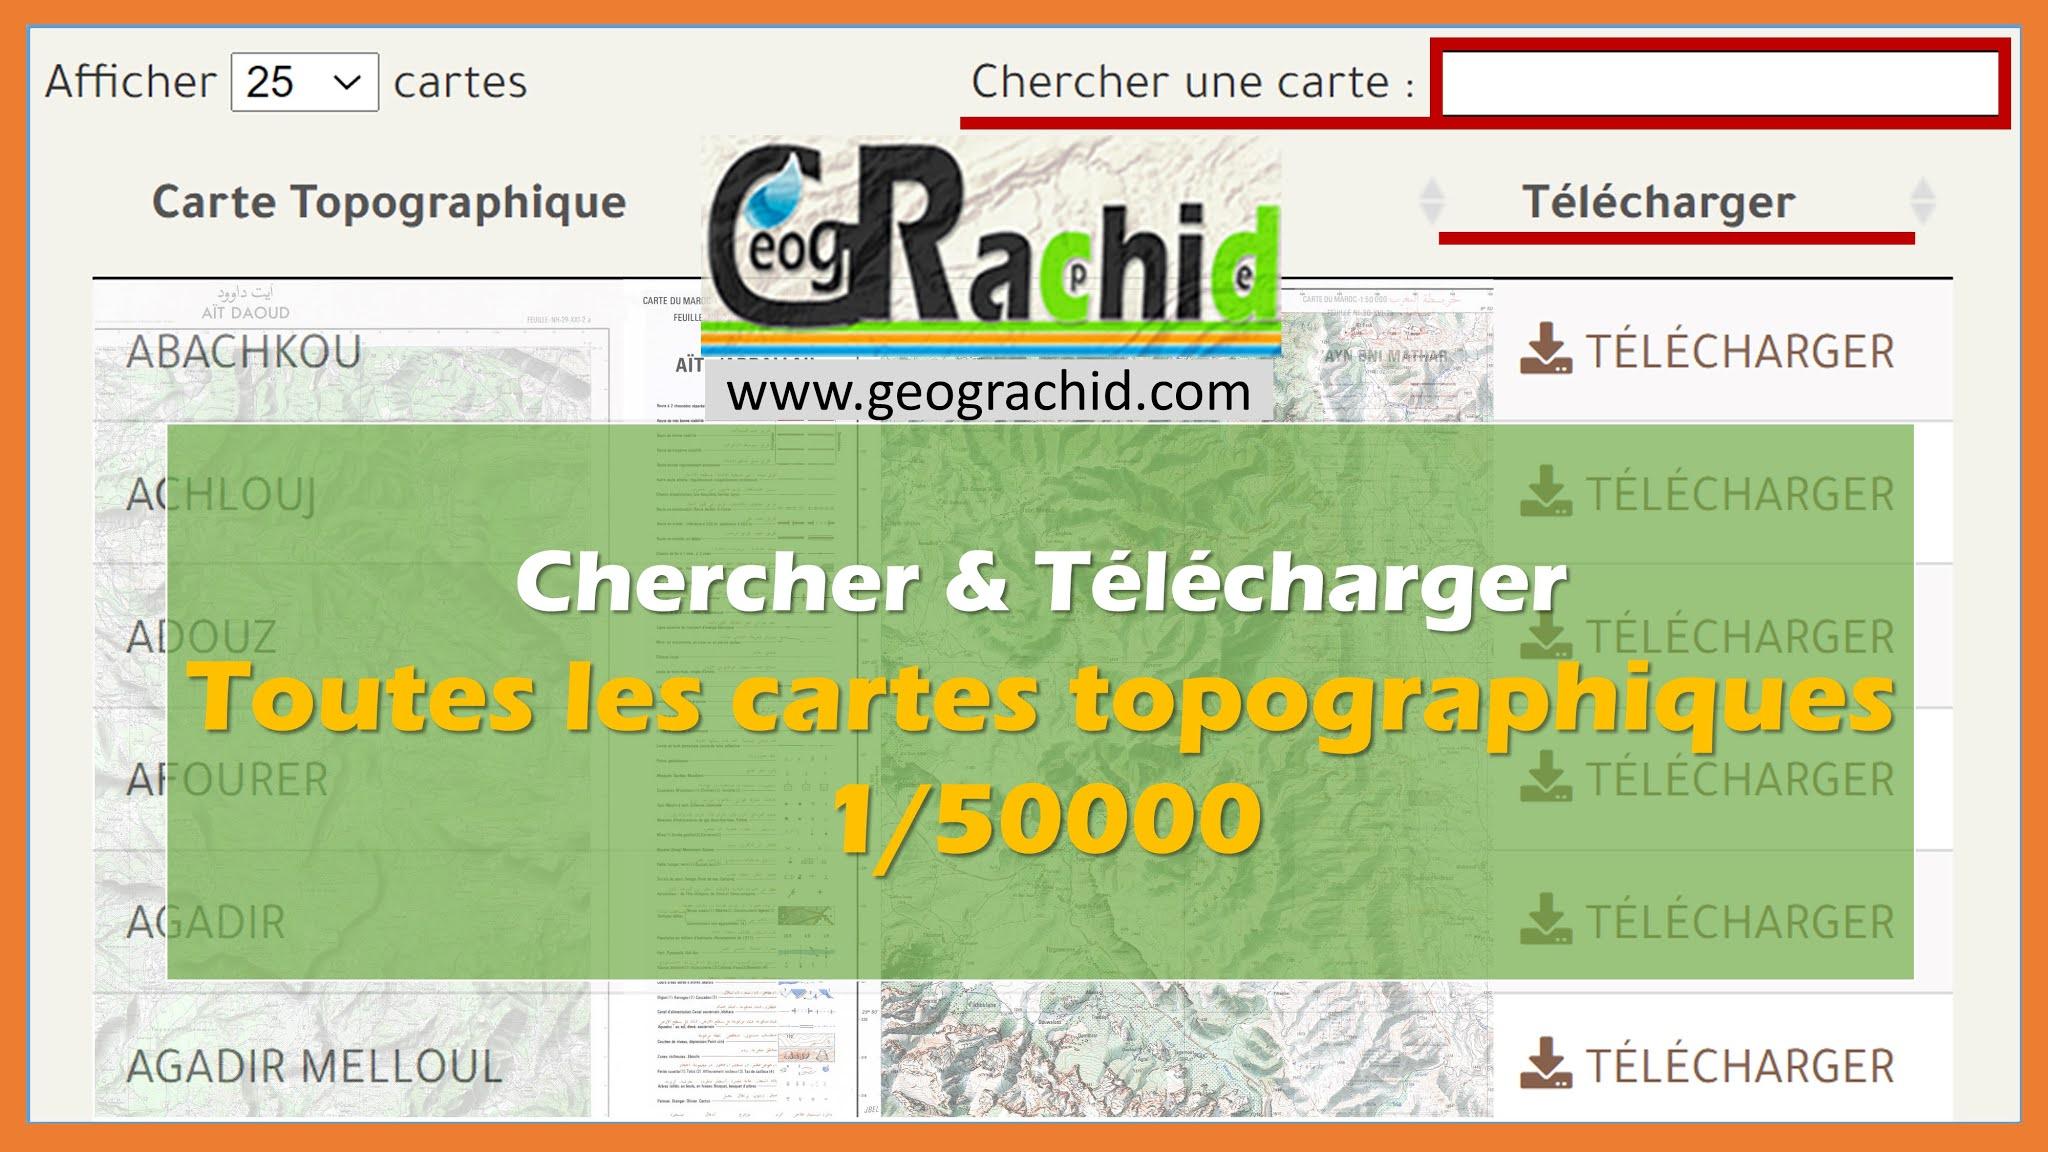 Tableau pour trouver et télécharger toutes les cartes topographiques du Maroc 1/50000